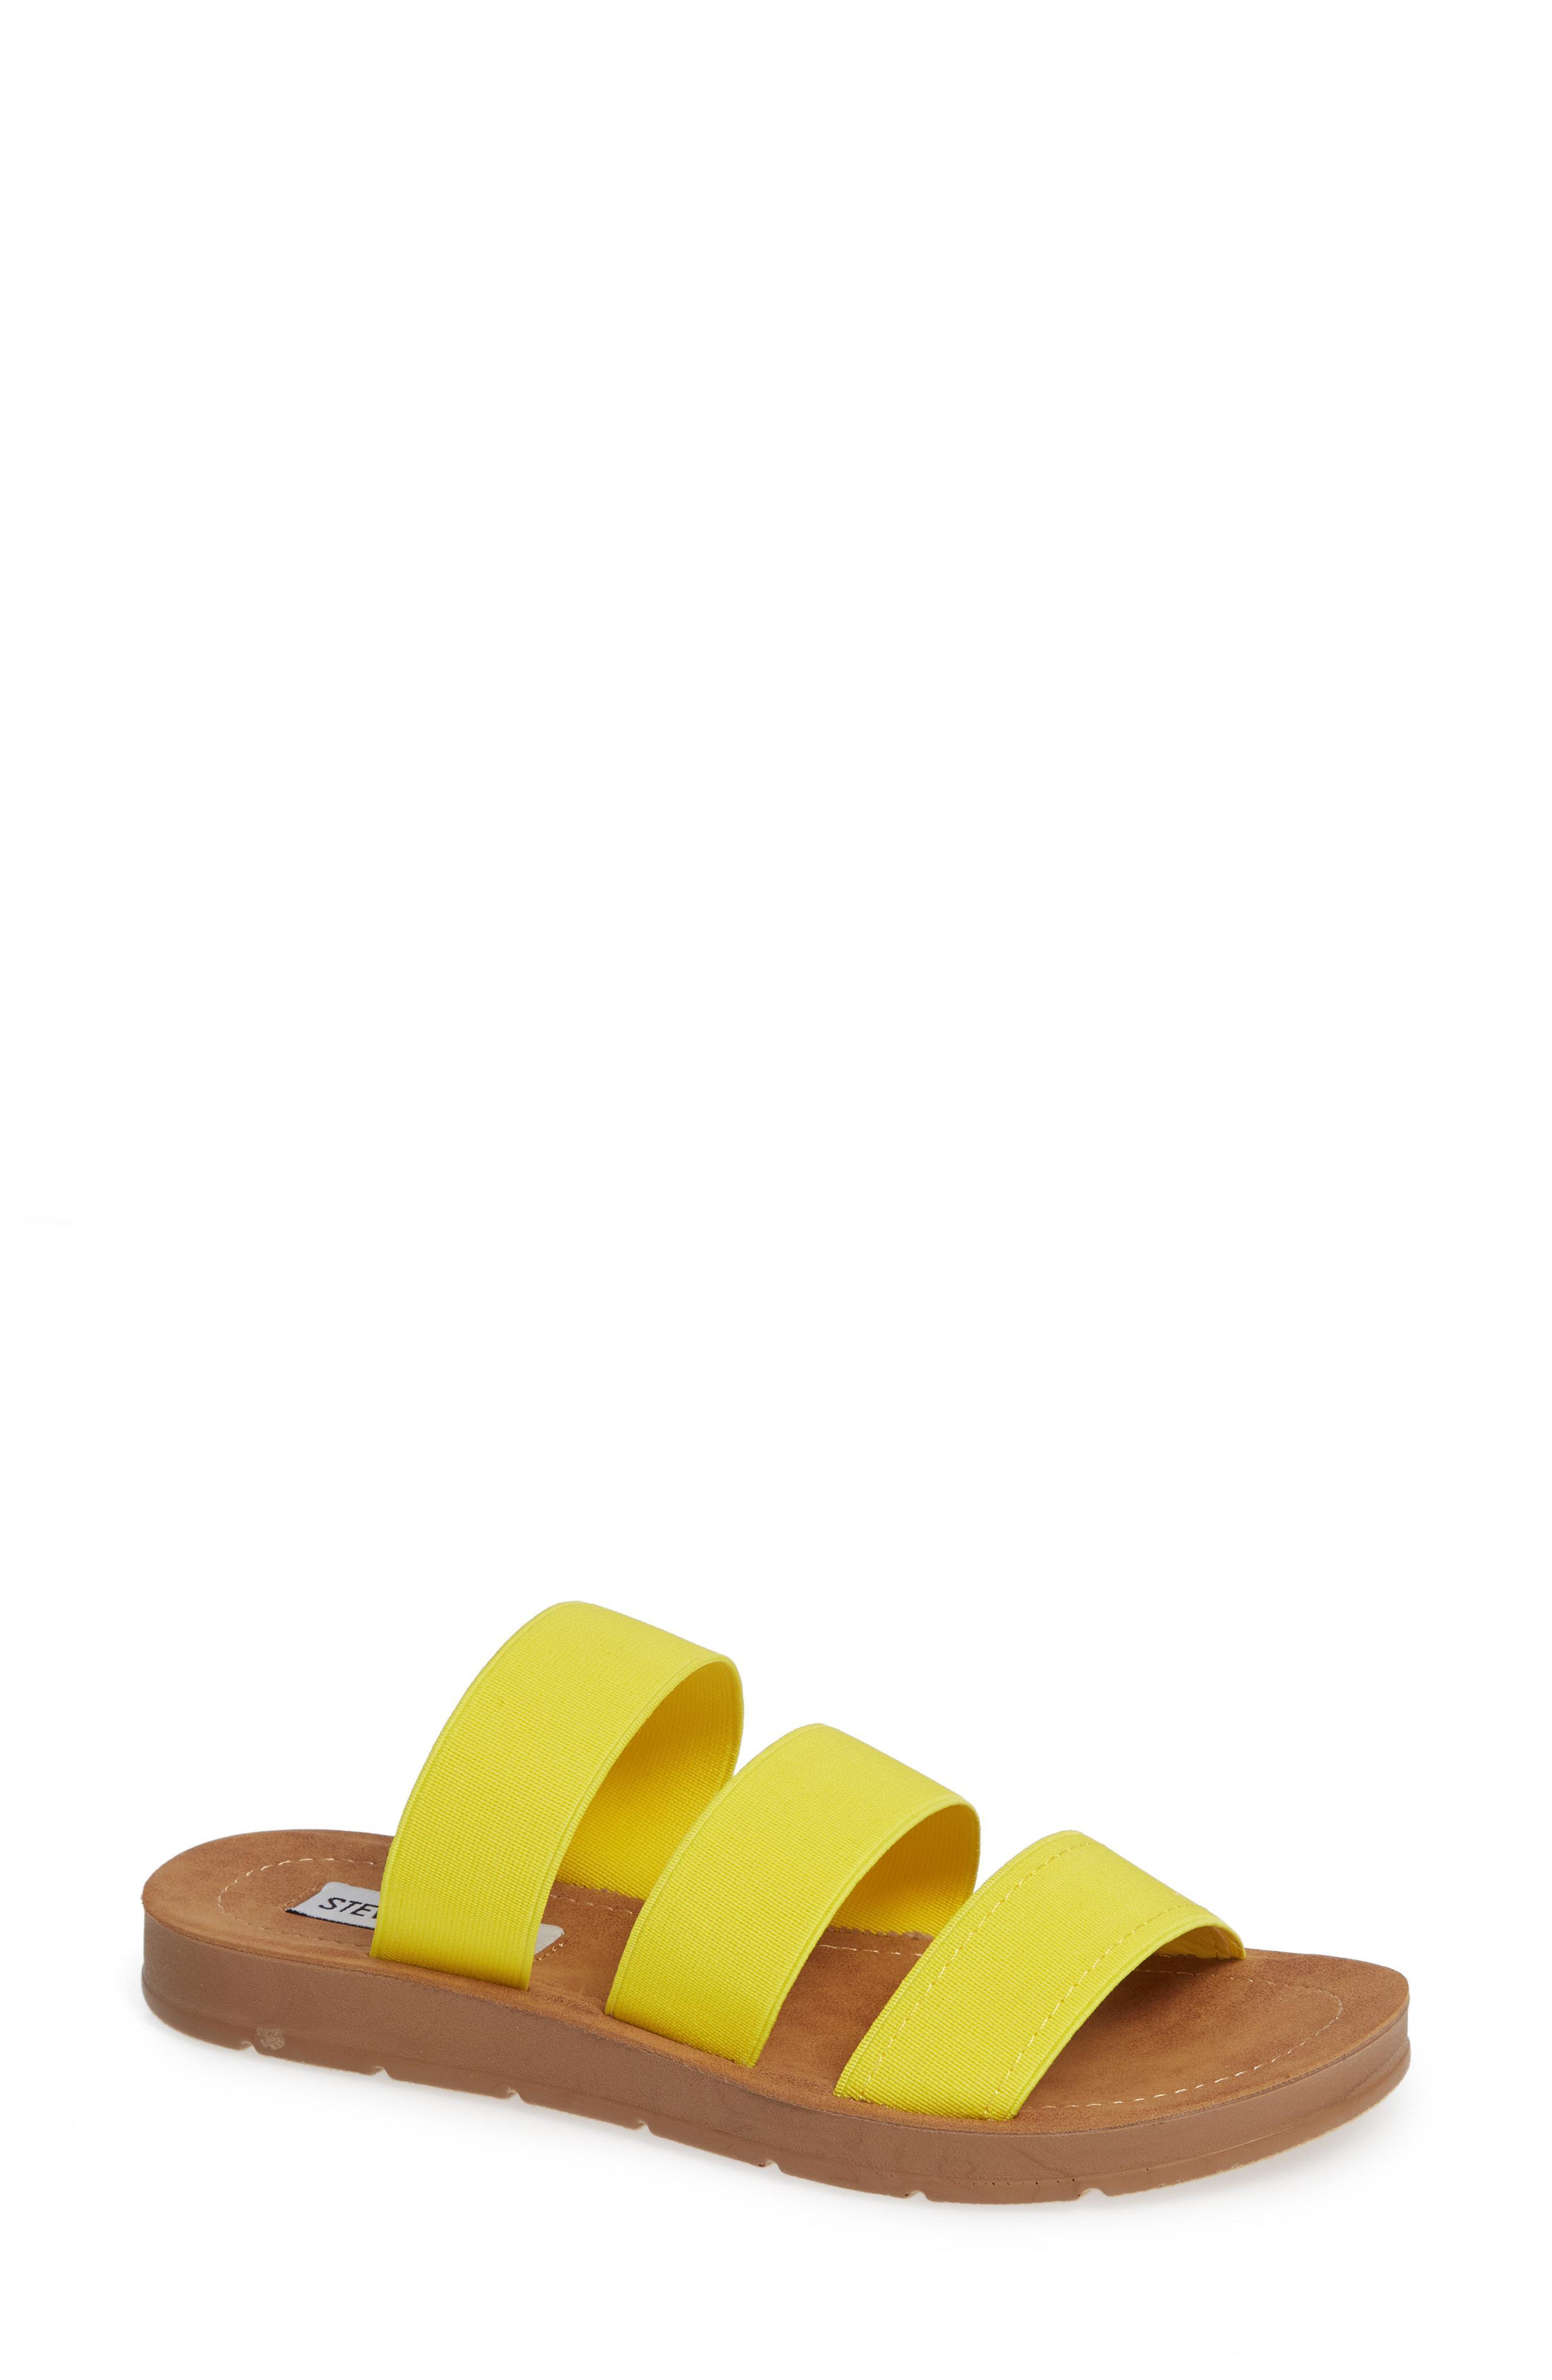 71c25f30fce Lyst - Steve Madden Pascale Slide Sandal in Yellow